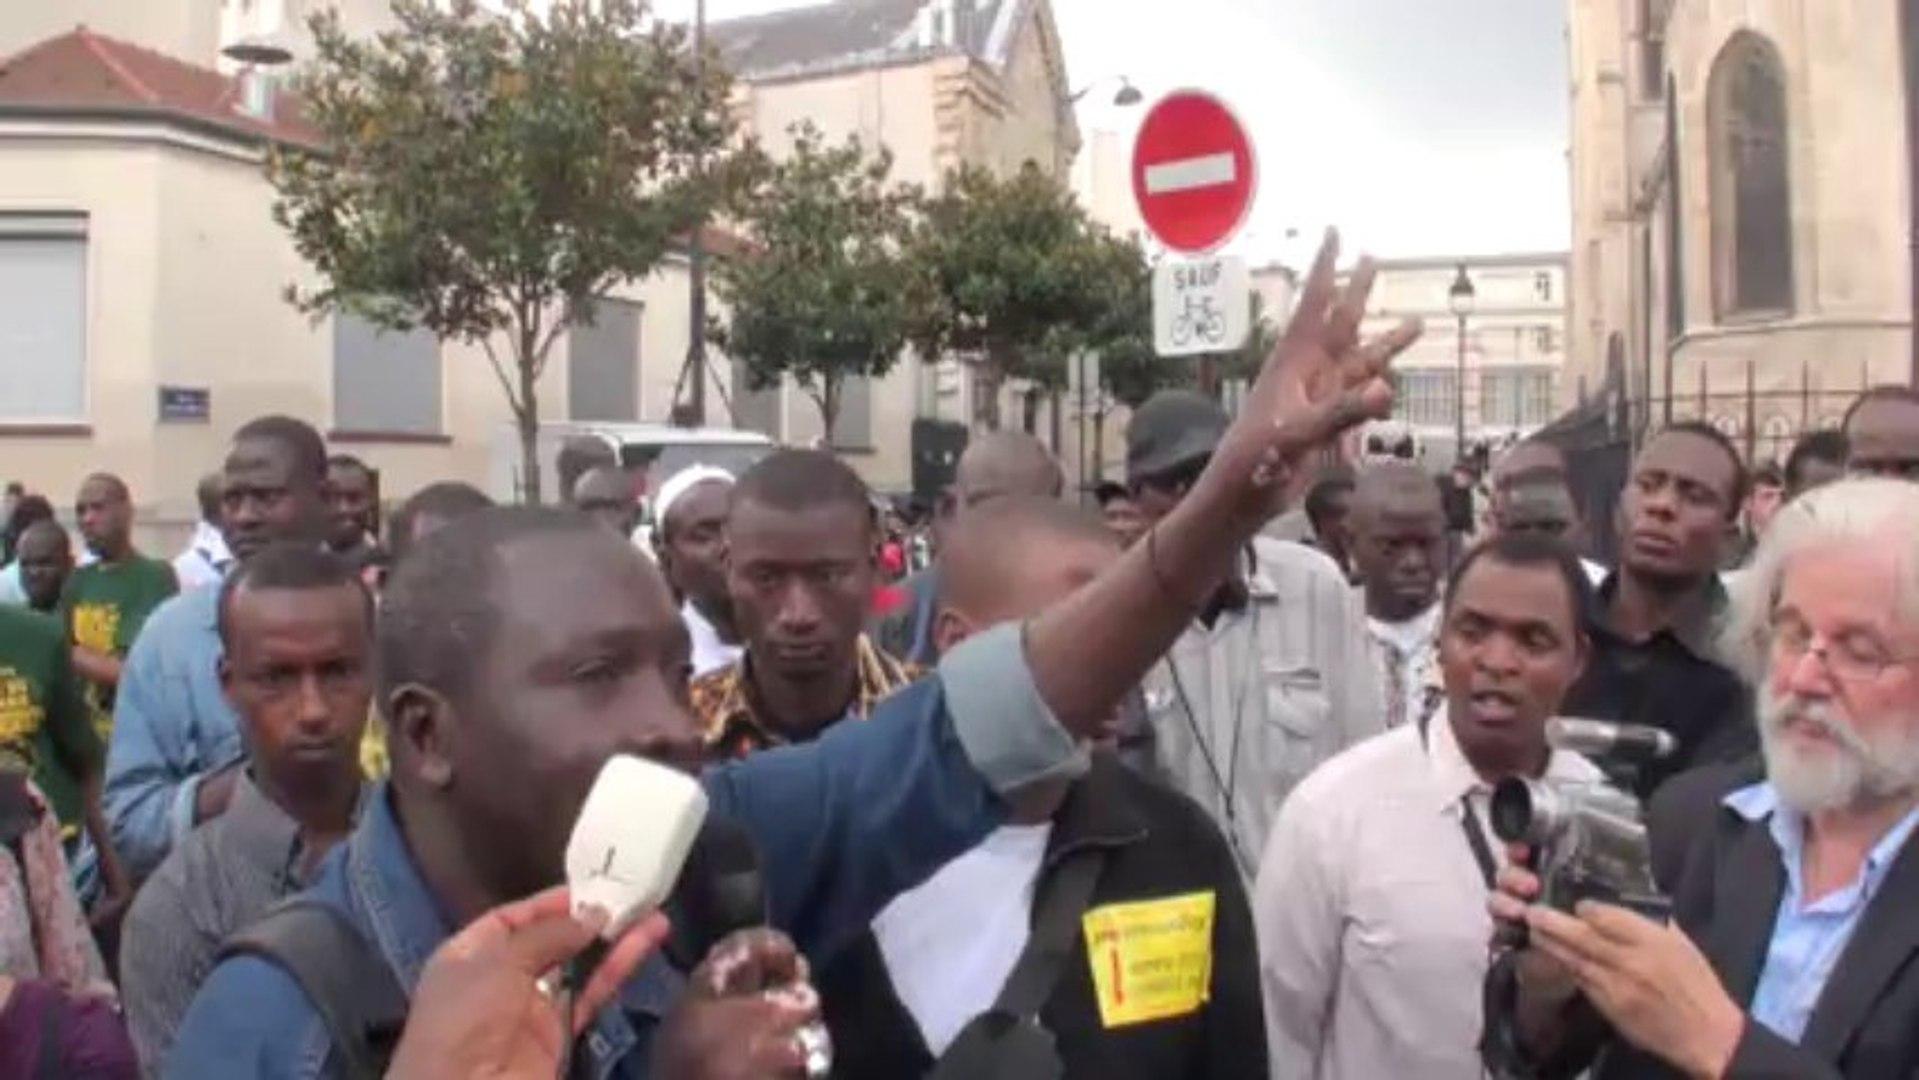 Paris (France) 24/08/2013 Sans papiers 17 ans St Bernard ©LTL News